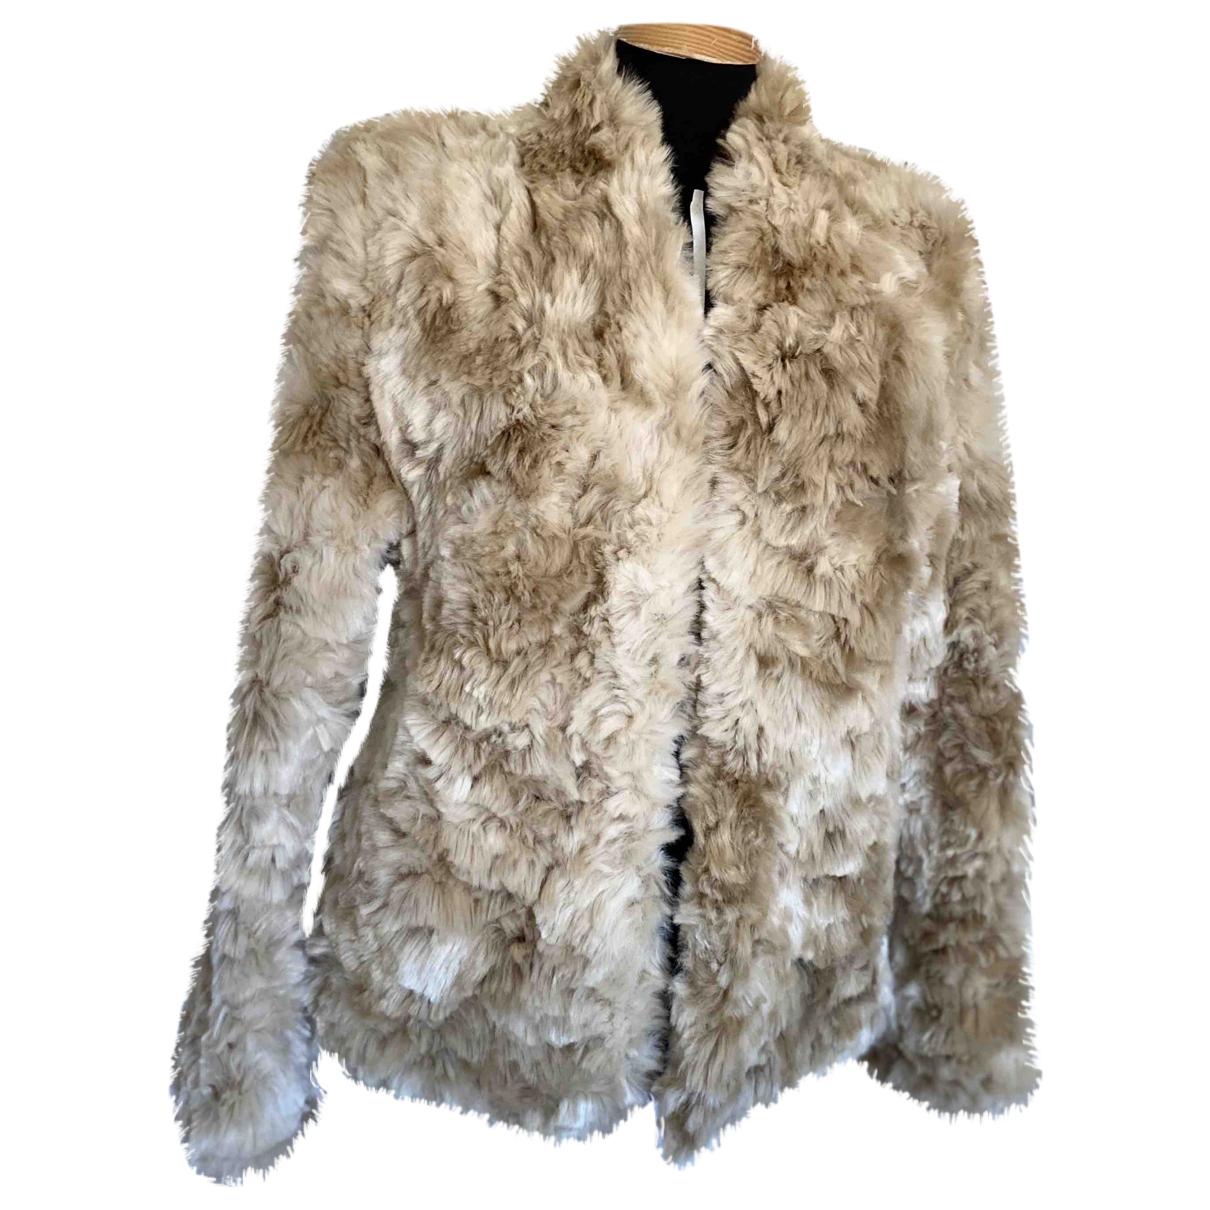 Reiss - Manteau   pour femme en fourrure synthetique - beige